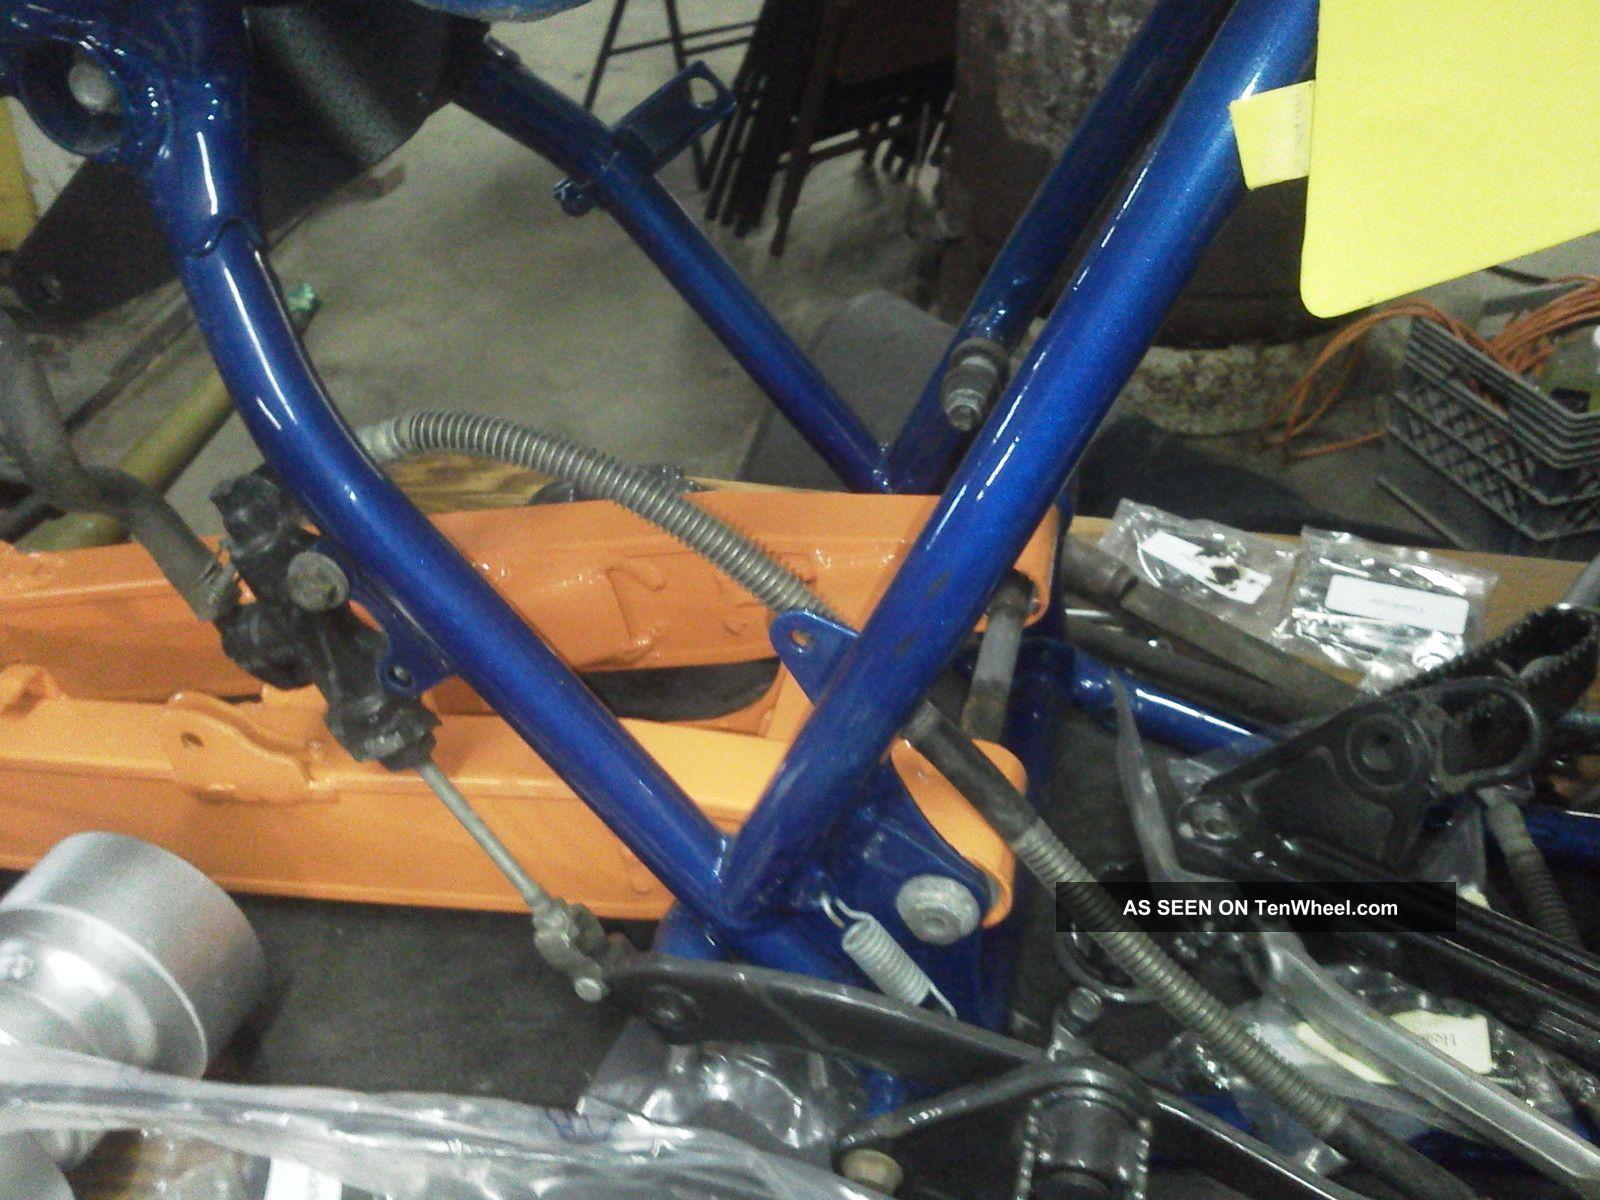 1986 Suzuki Lt250r 28 Images 1986 Suzuki Lt250r 1986